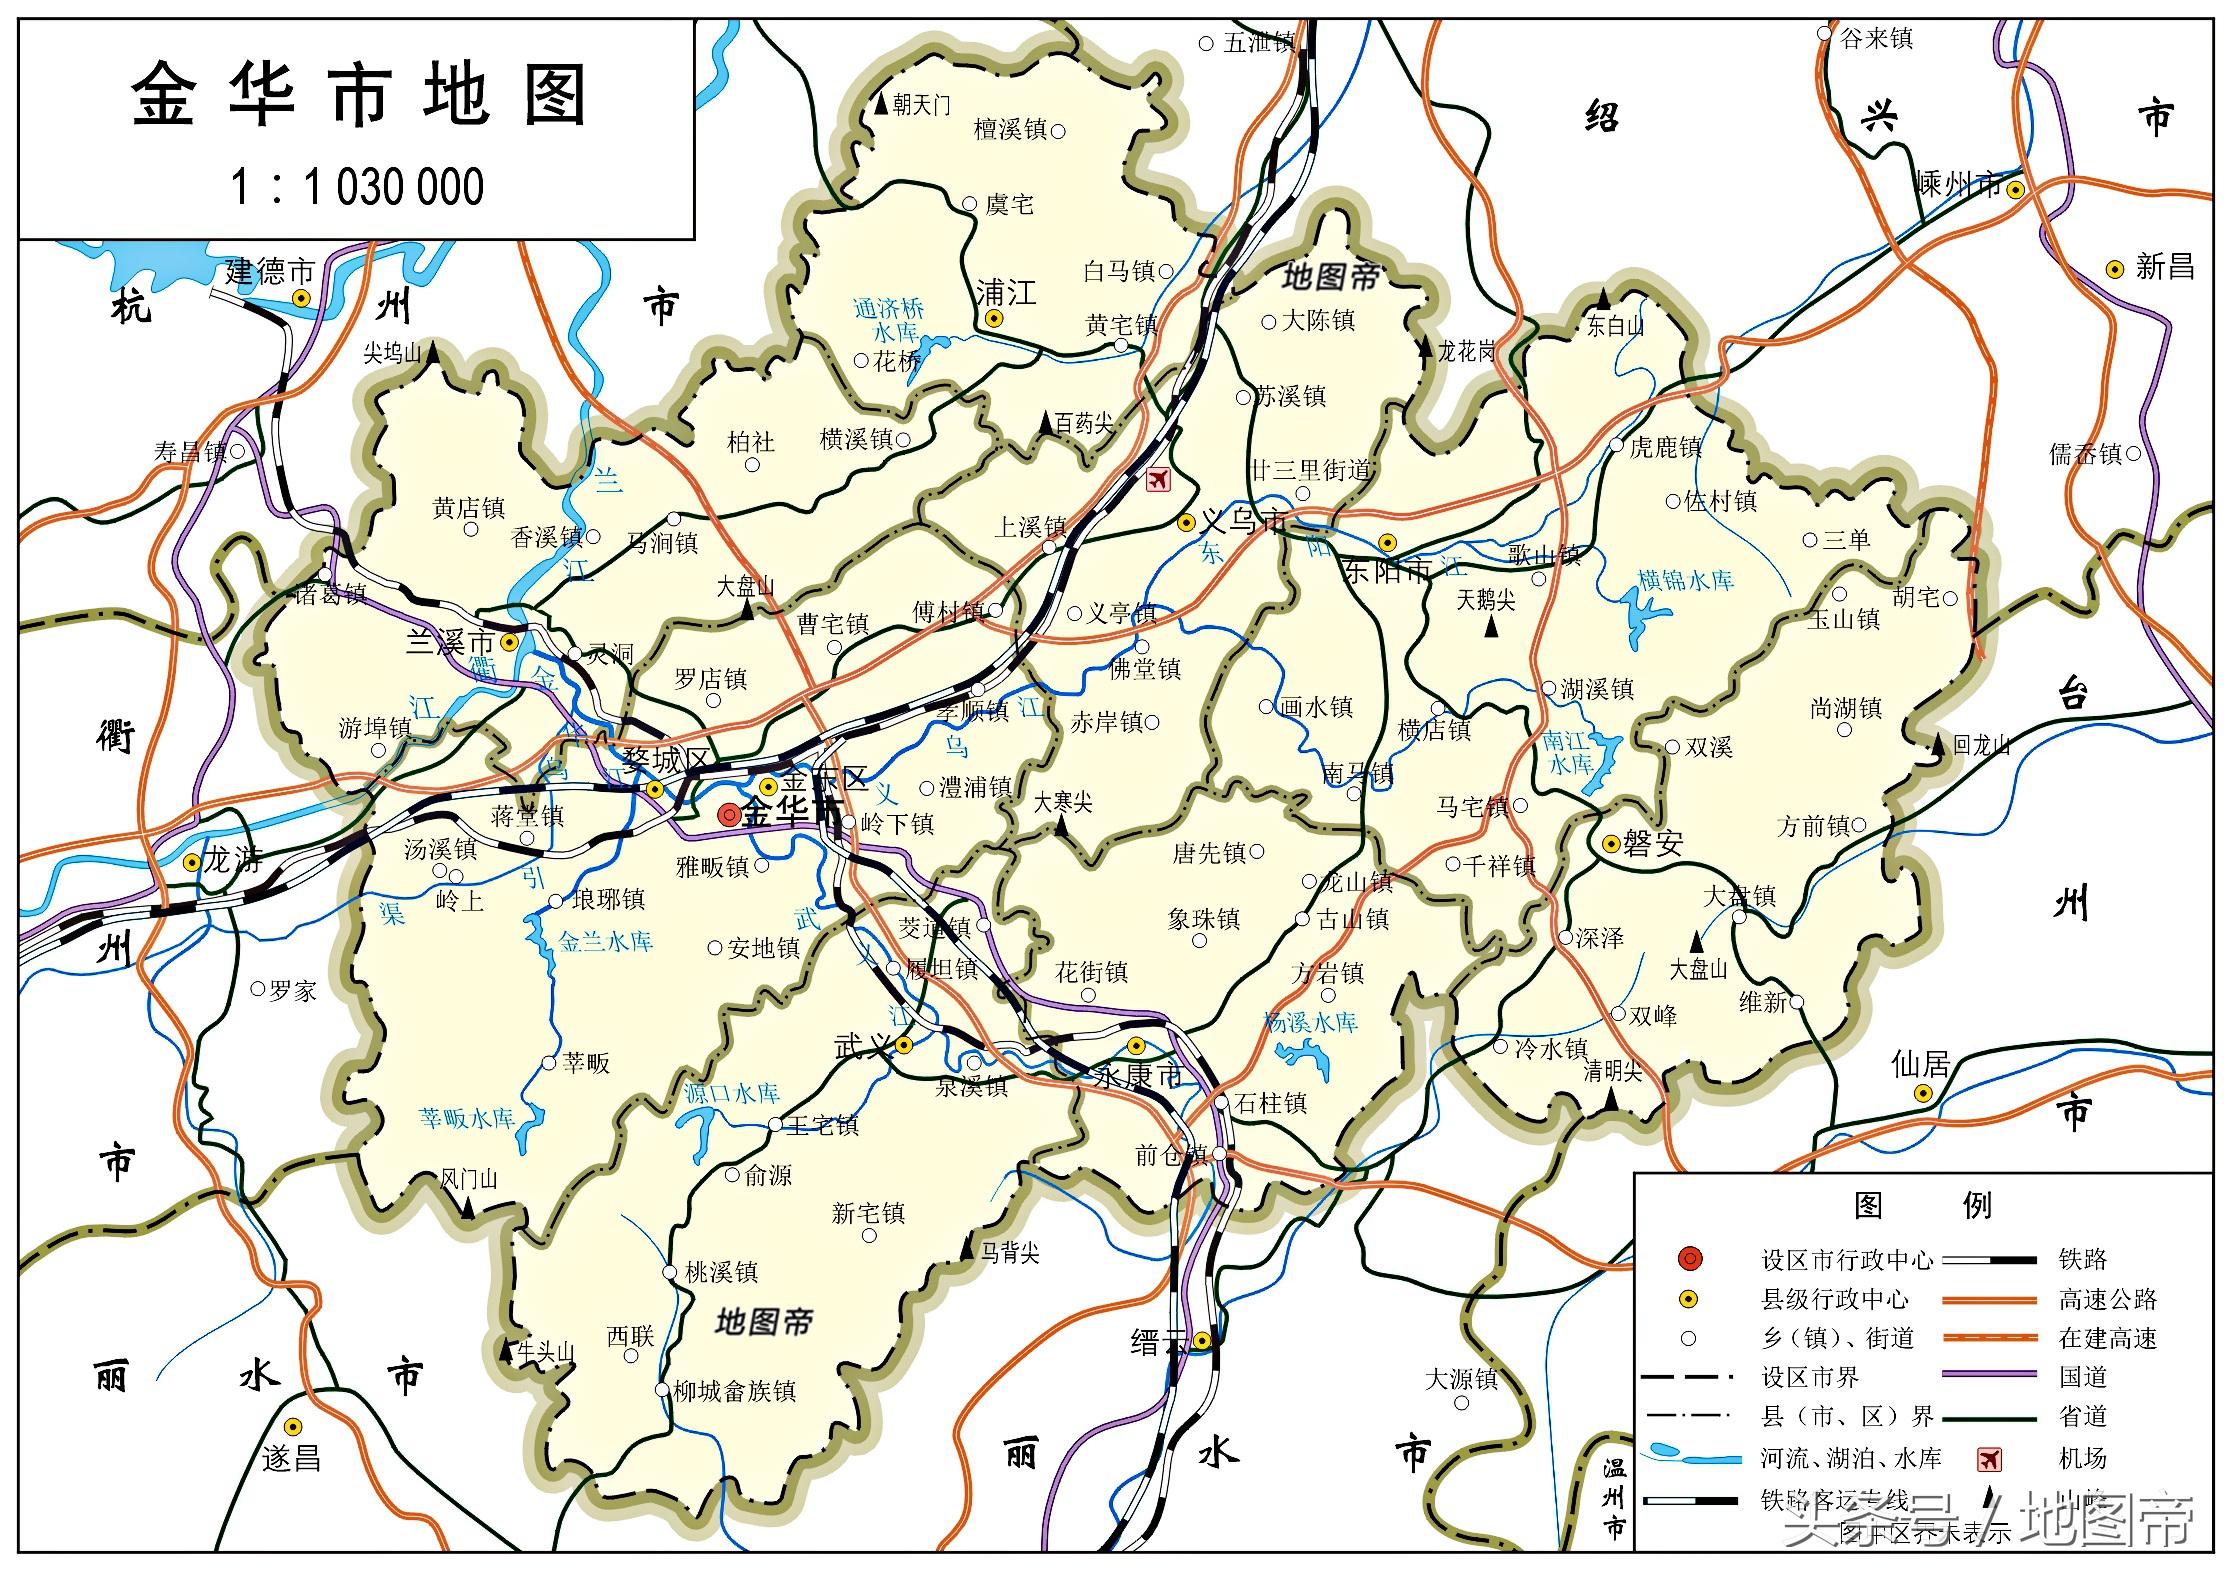 湖北省2020各市gdp_湖北省各省县市地图